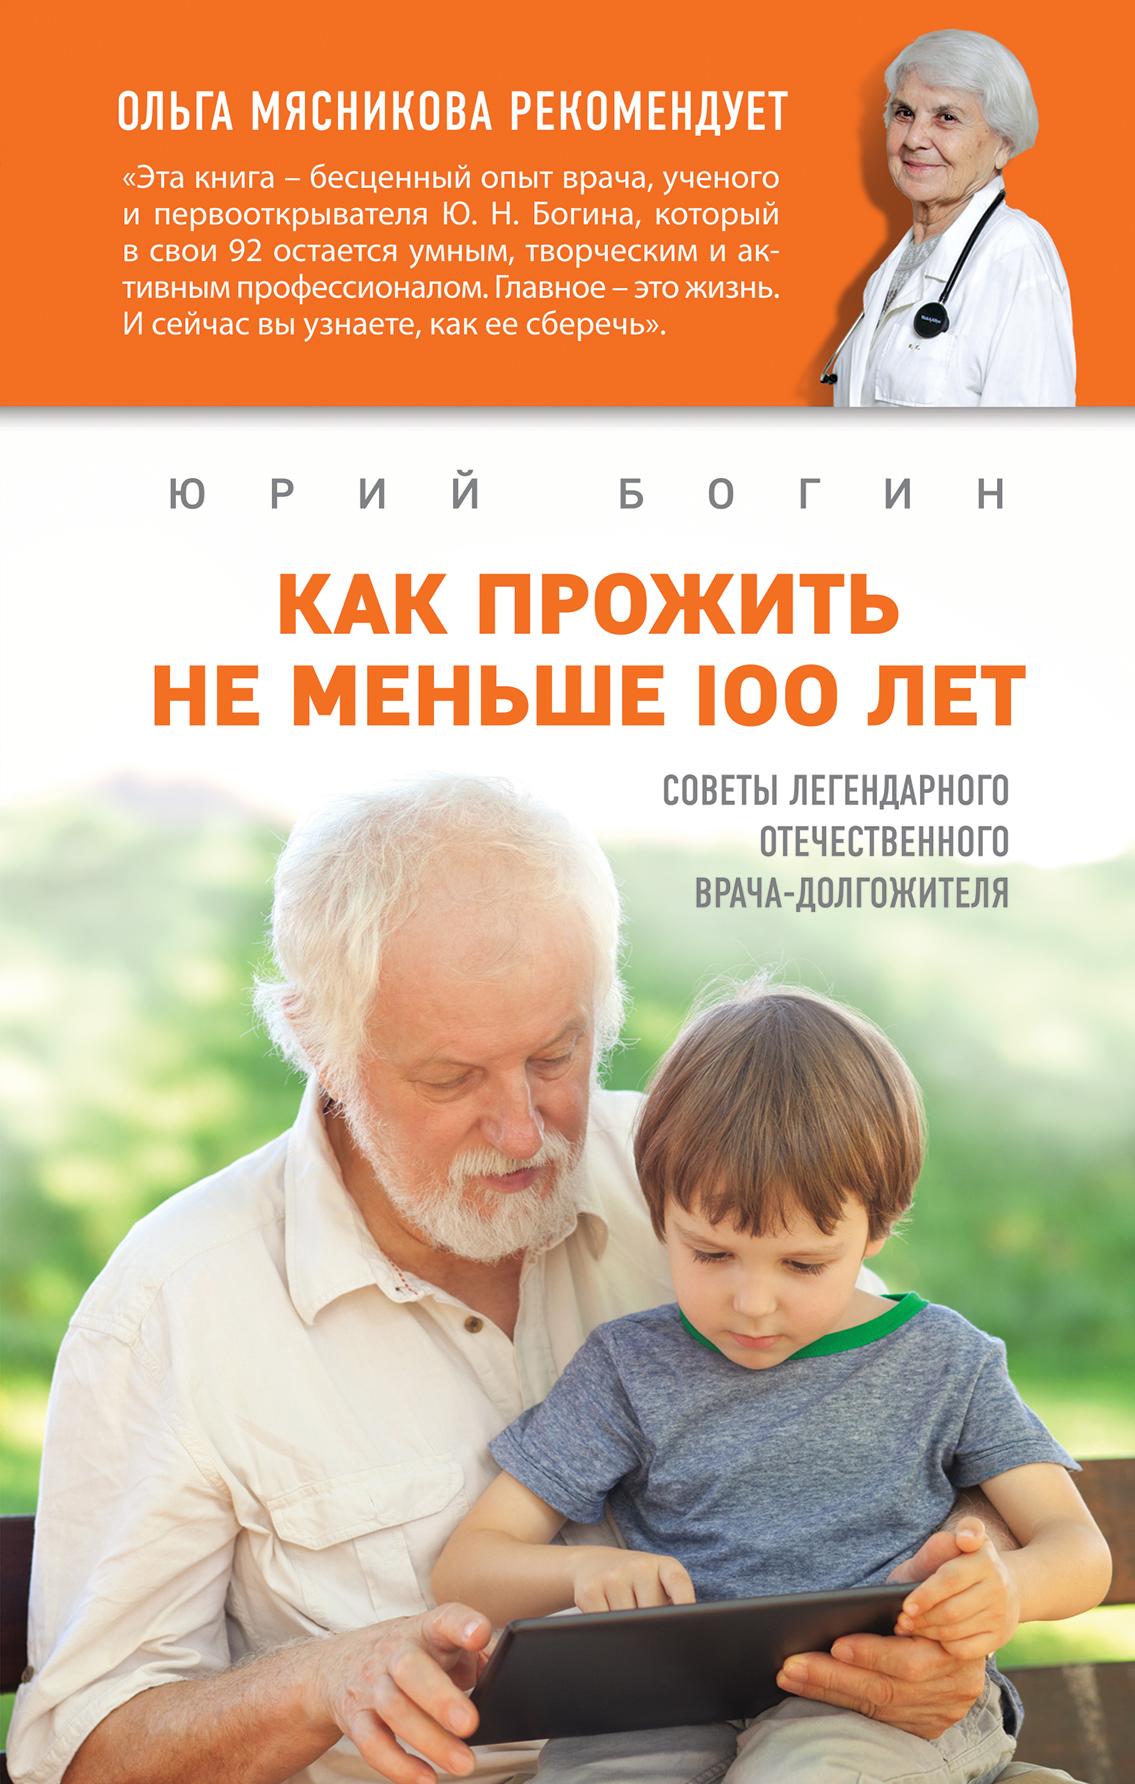 Юрий Богин Как прожить не меньше 100 лет. Советы легендарного отечественного врача